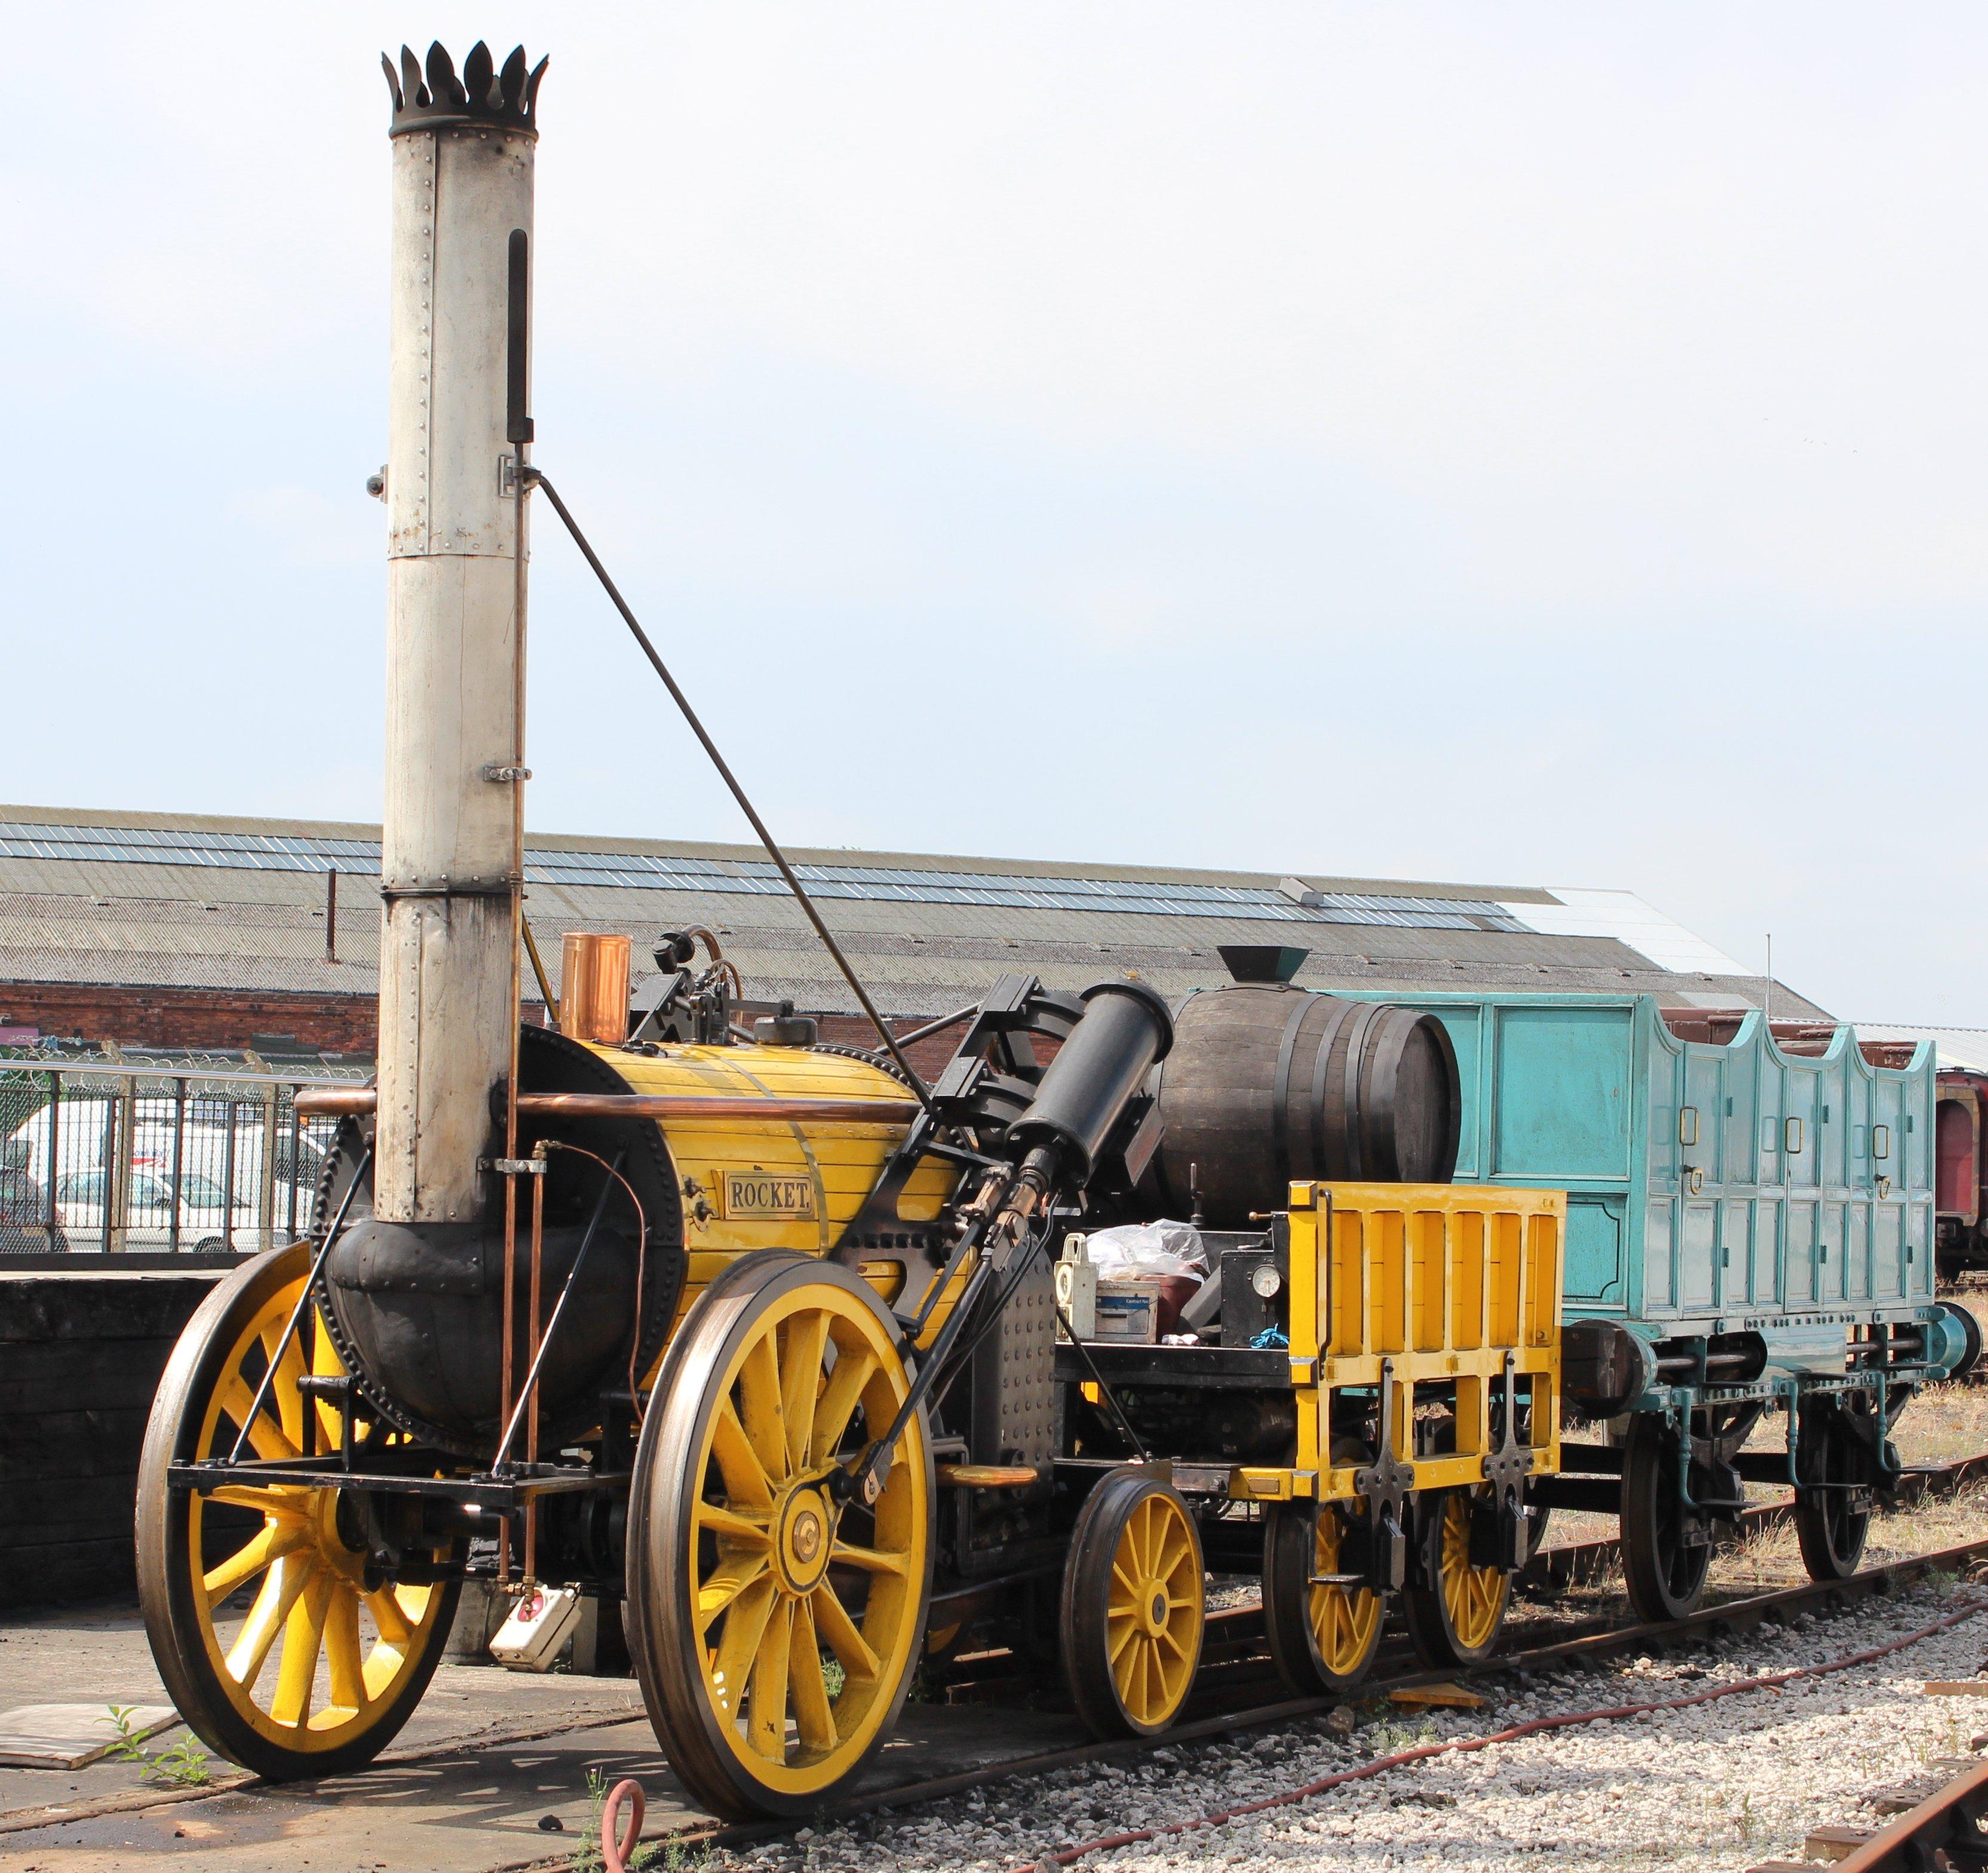 イギリス国立鉄道博物館 きしゃのえほん Wiki